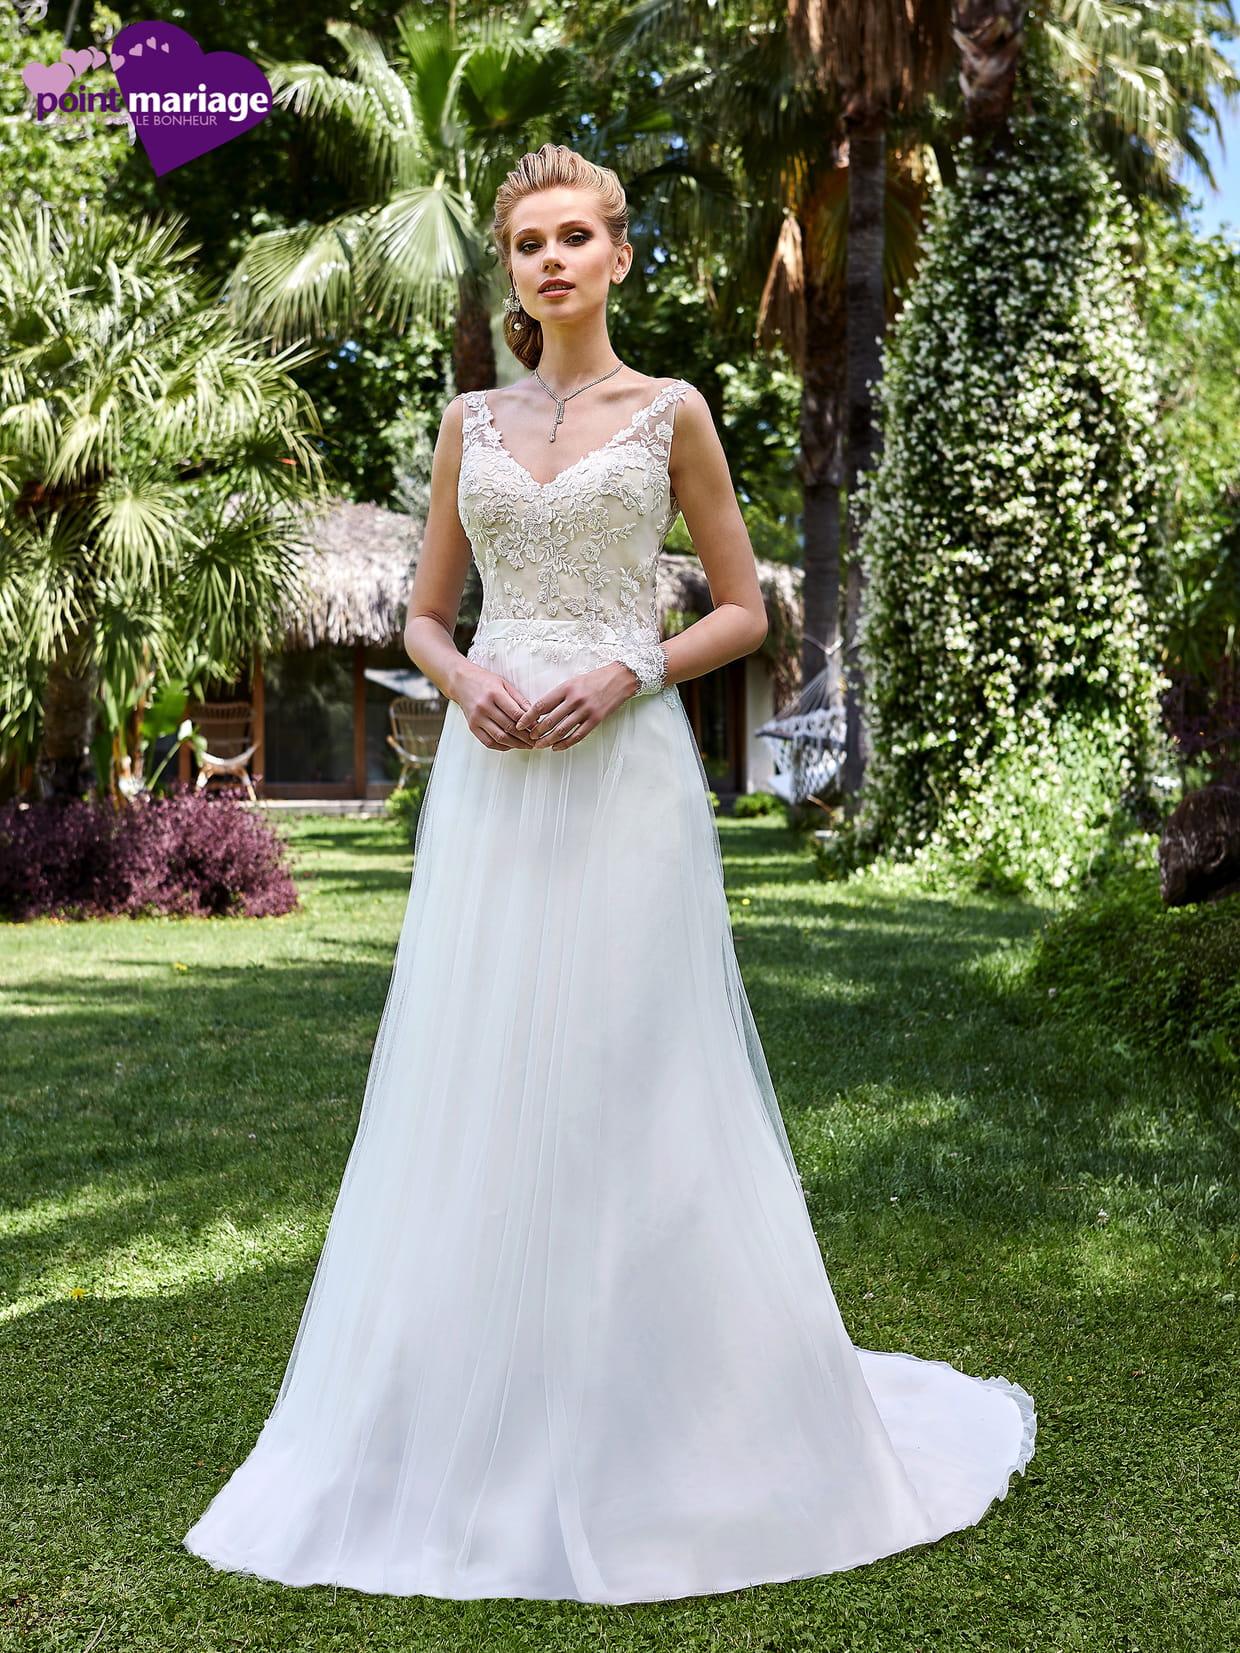 Robe de mari e gabriella point mariage for Robes de mariage abordables